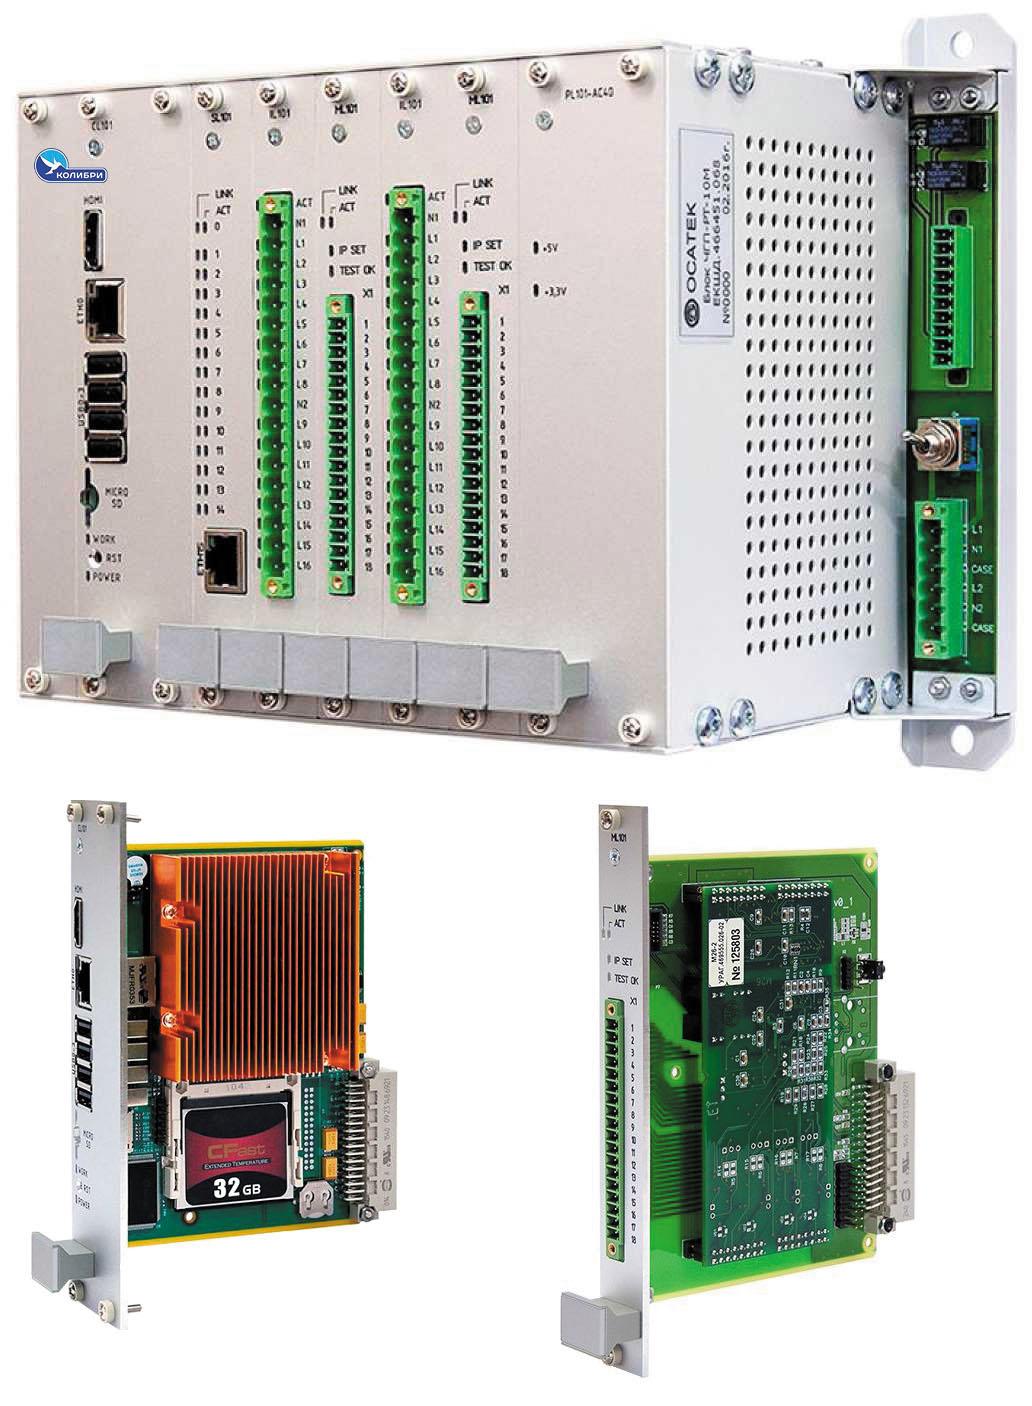 Рис. 2. Внешний вид контроллера «Колибри-К2» и функциональных модулей (процессорного и носителя мезонинов)